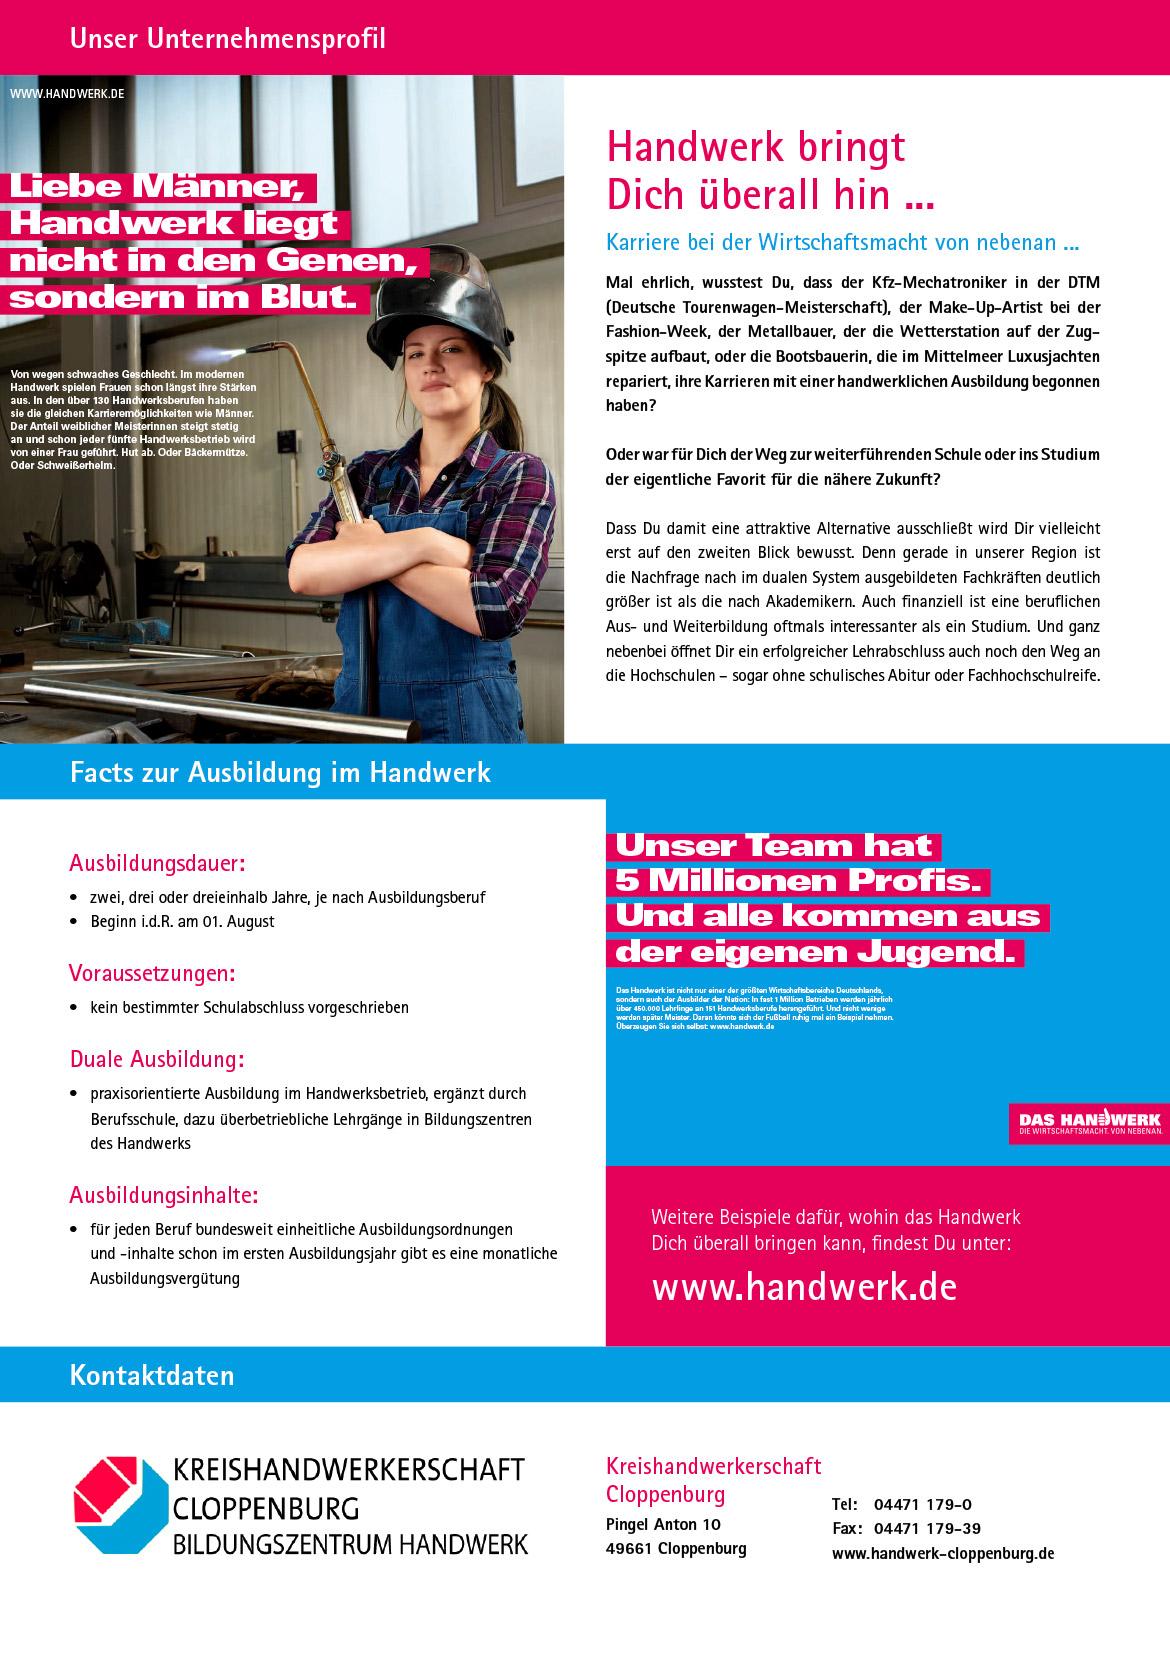 Ausbildungsplakat: Kreishandwerkerschaft Cloppenburg